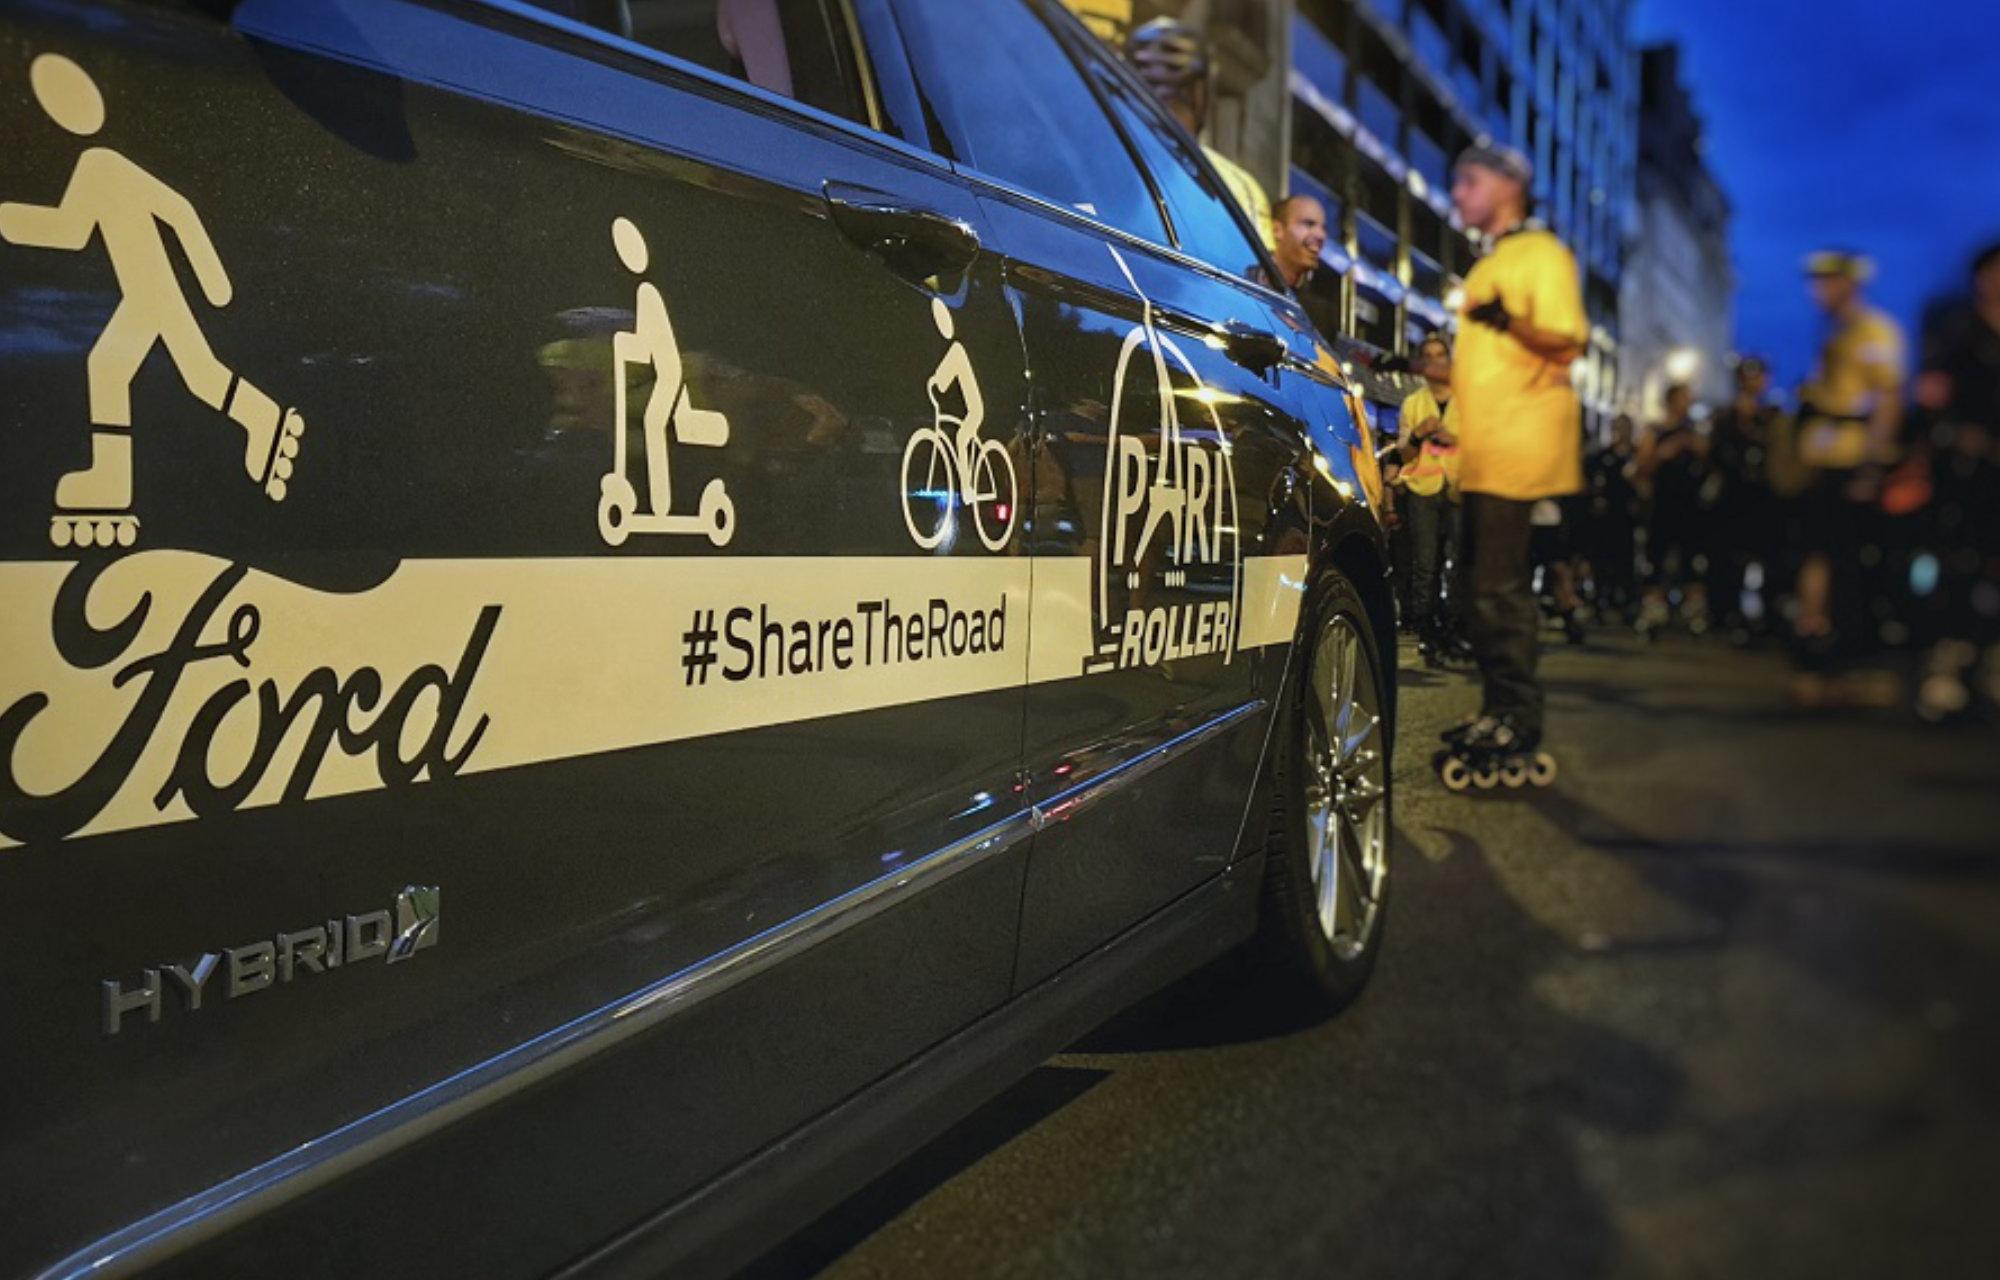 Ford devient partenaire officiel de Pari Roller, la célèbre randonnée parisienne qui s'ouvre aux nouvelles mobilités